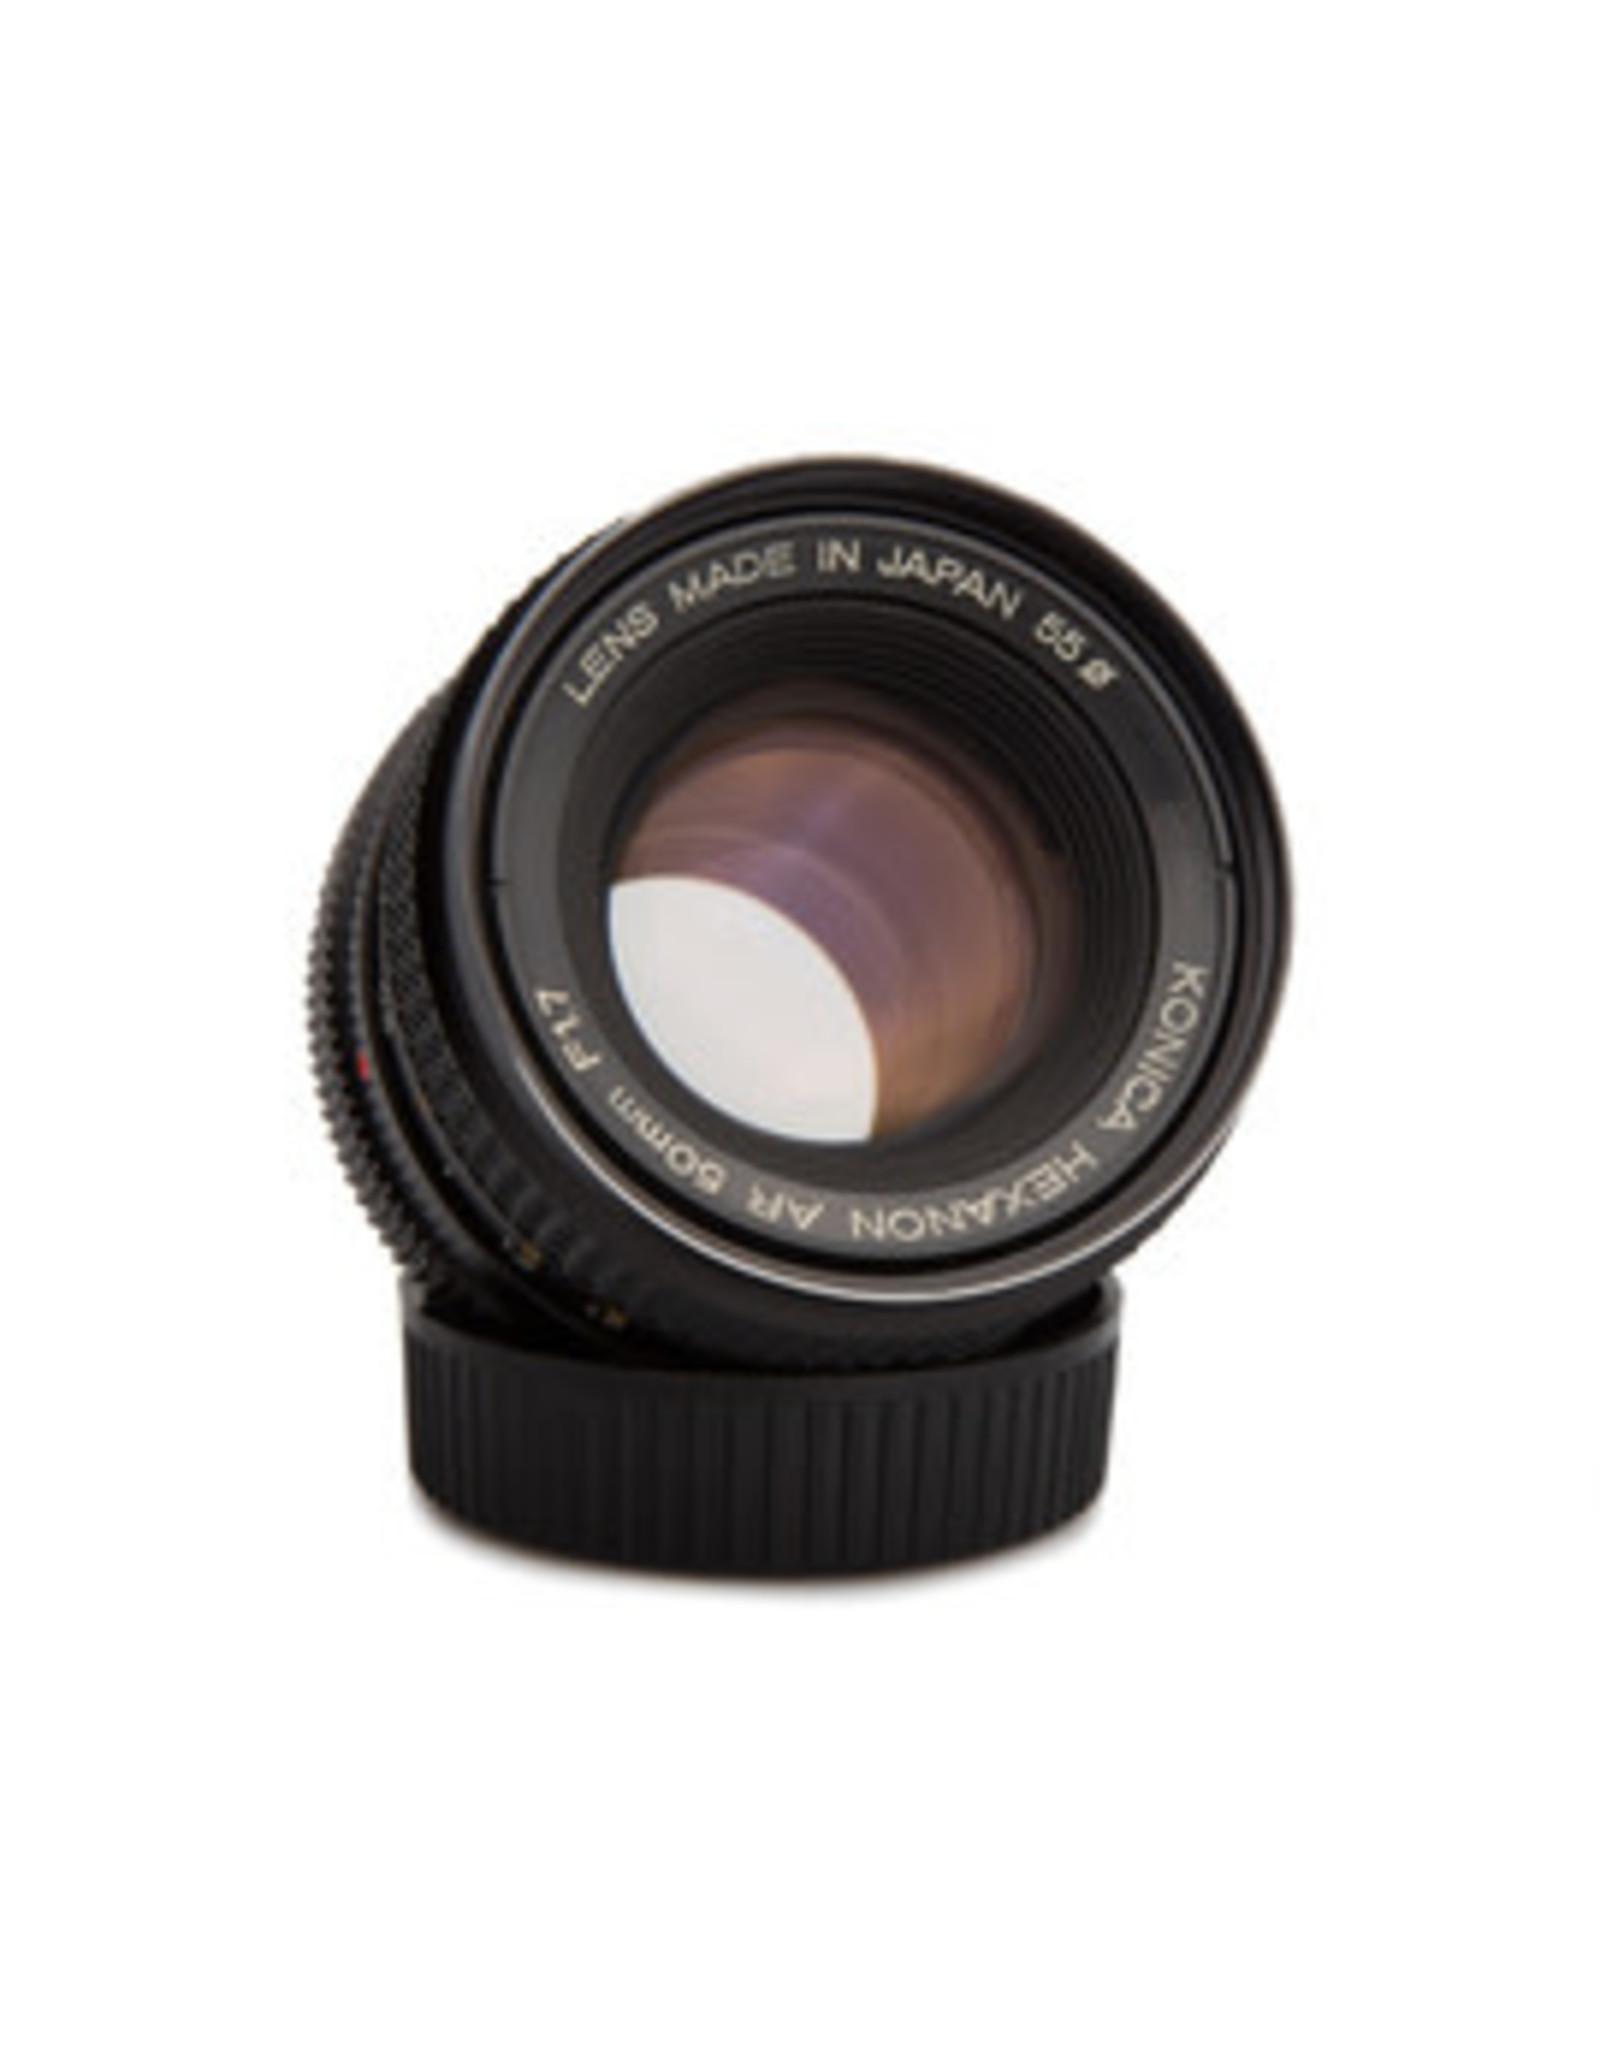 Konica Konica Hexanon 50mm F1.7 Lens for AR